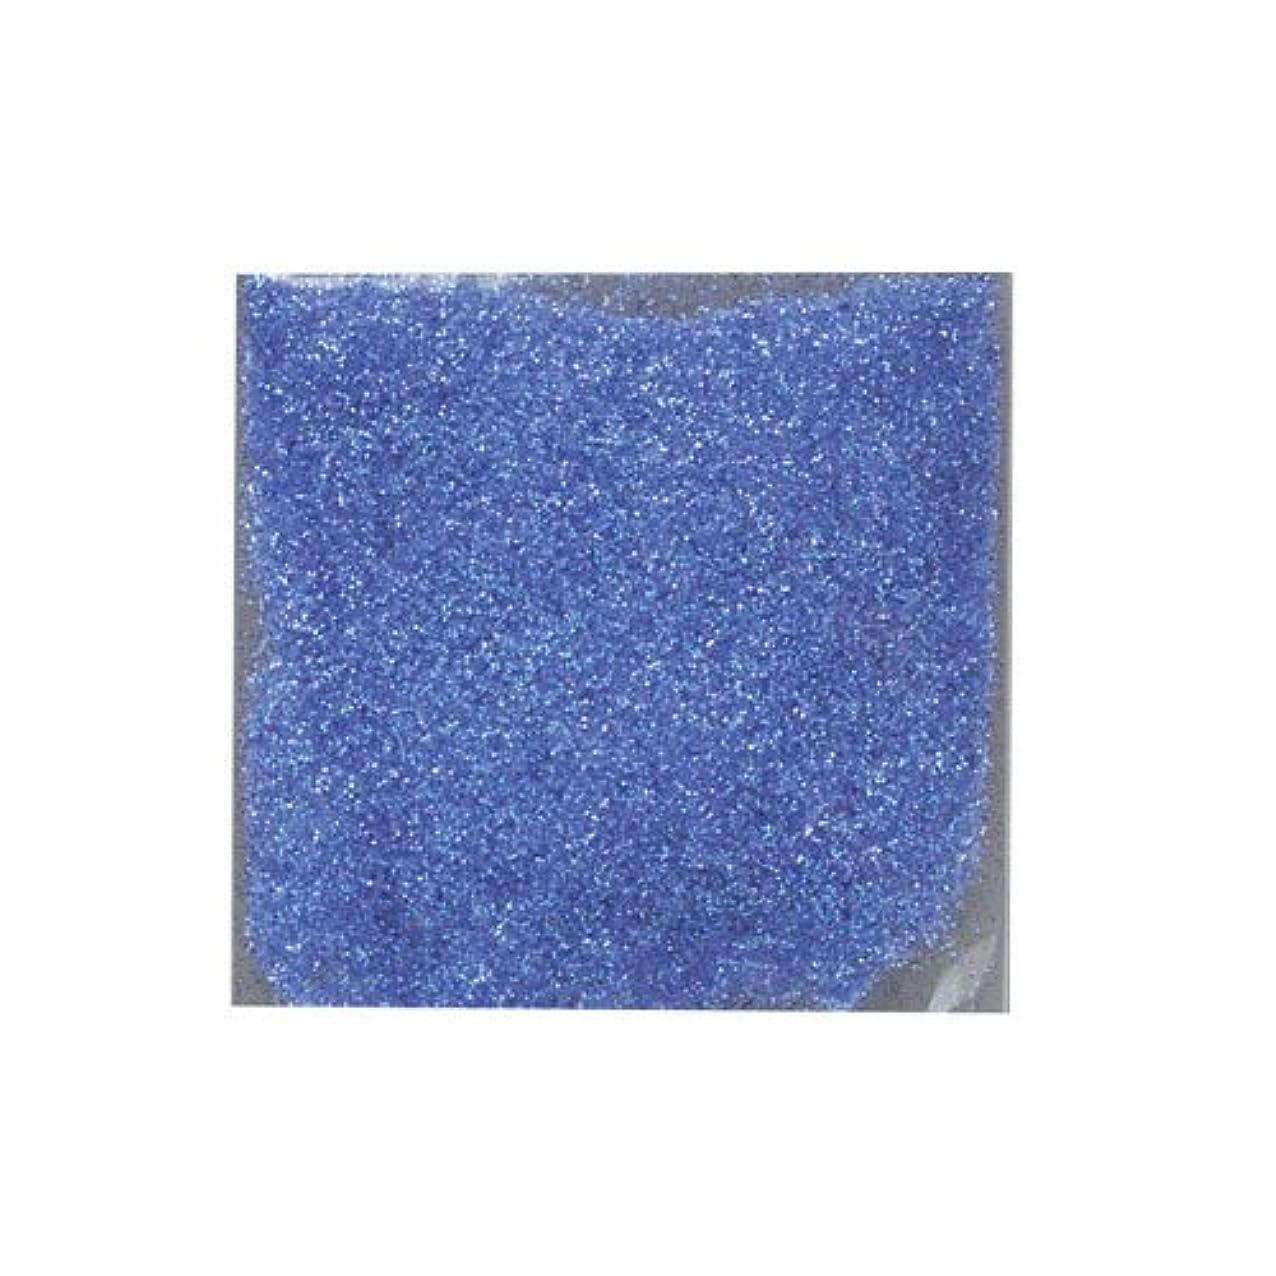 ピカエース ネイル用パウダー ラメカラーオーロラB 耐溶剤 S #537 ブルー 0.7g